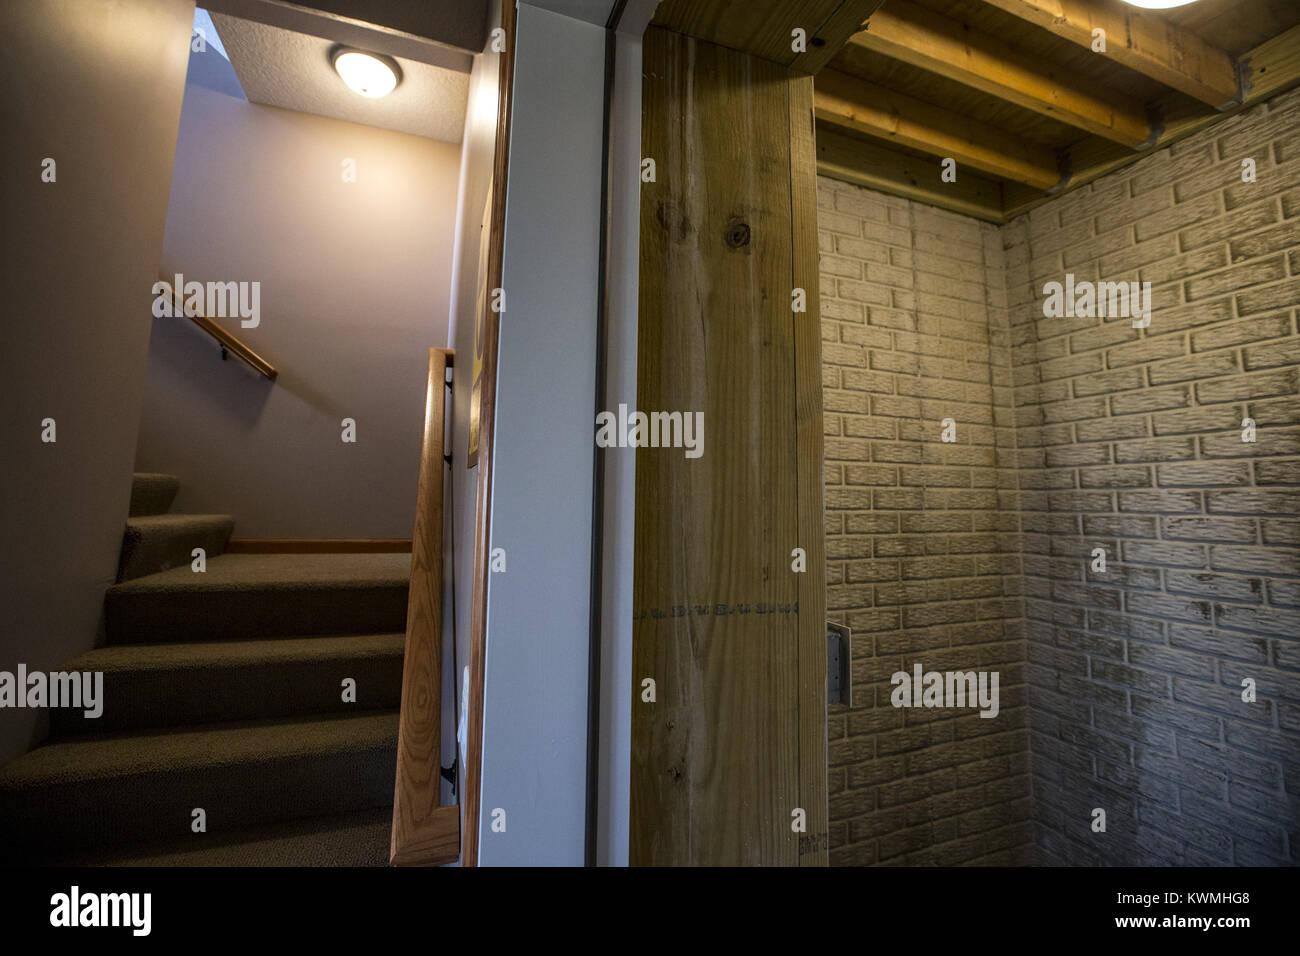 Oz Tornado Shelters : Tornado shelter stock photos